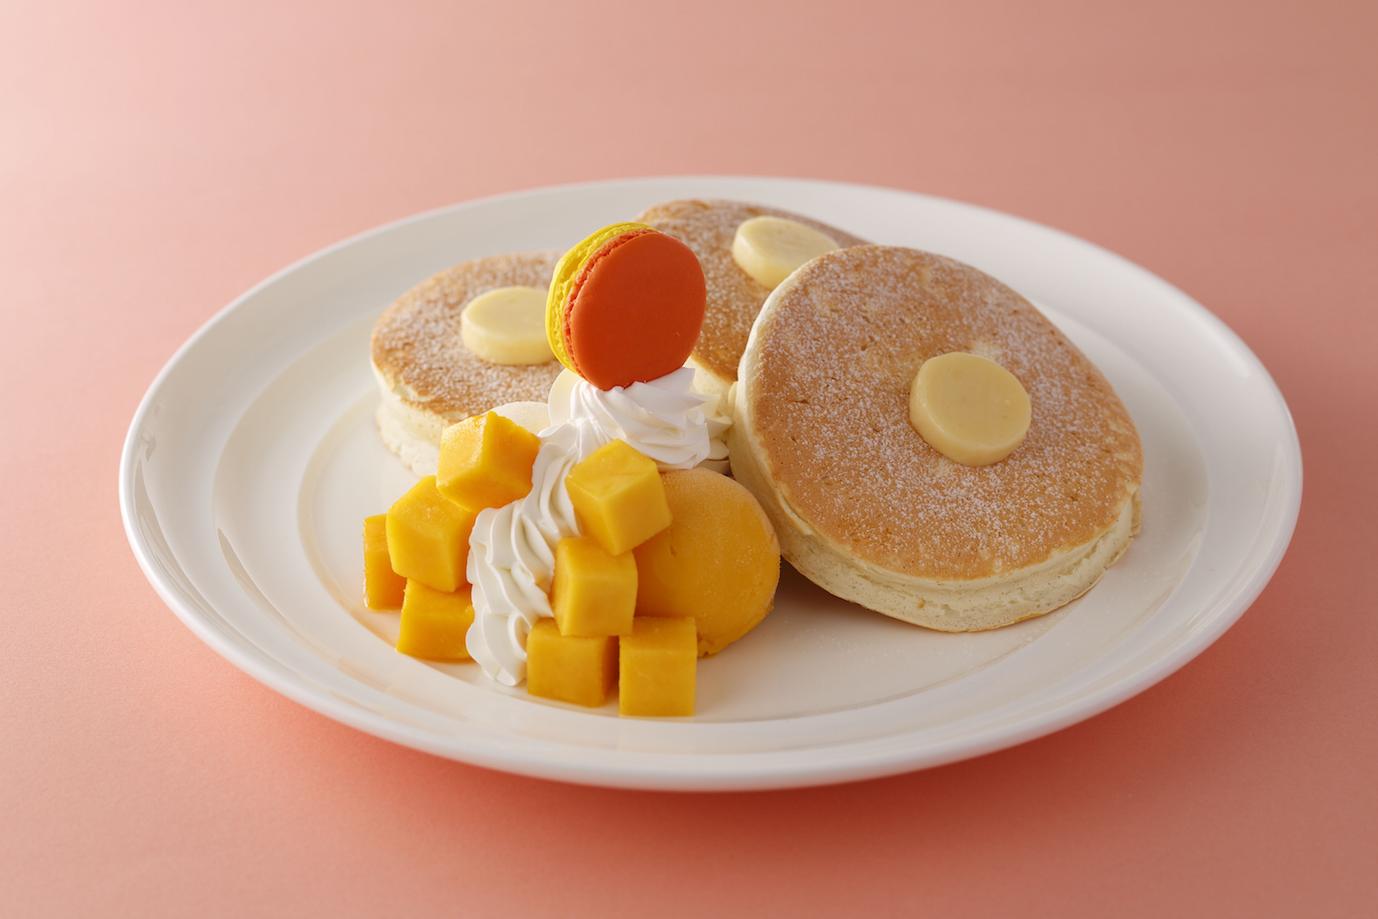 『ホテルニューオータニ』のふわふわパンケーキ、7月はマンゴー♡_1